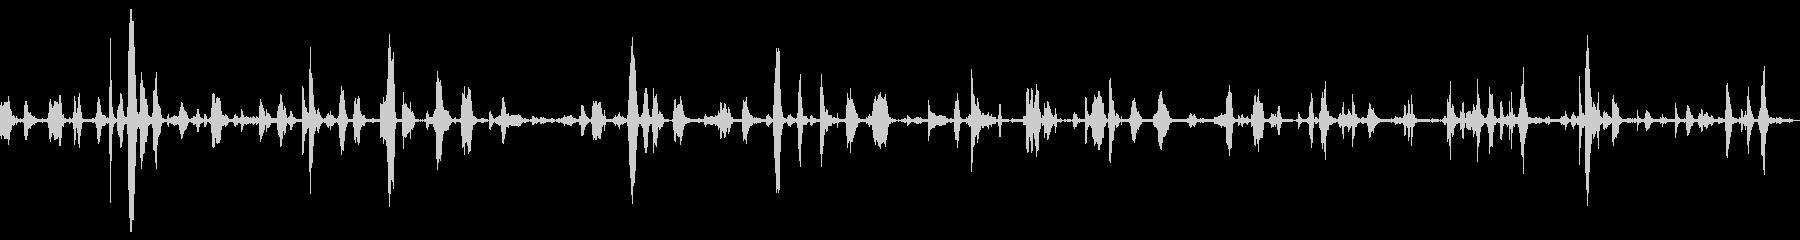 大きくて重い金属ヒンジの鳴き声の未再生の波形